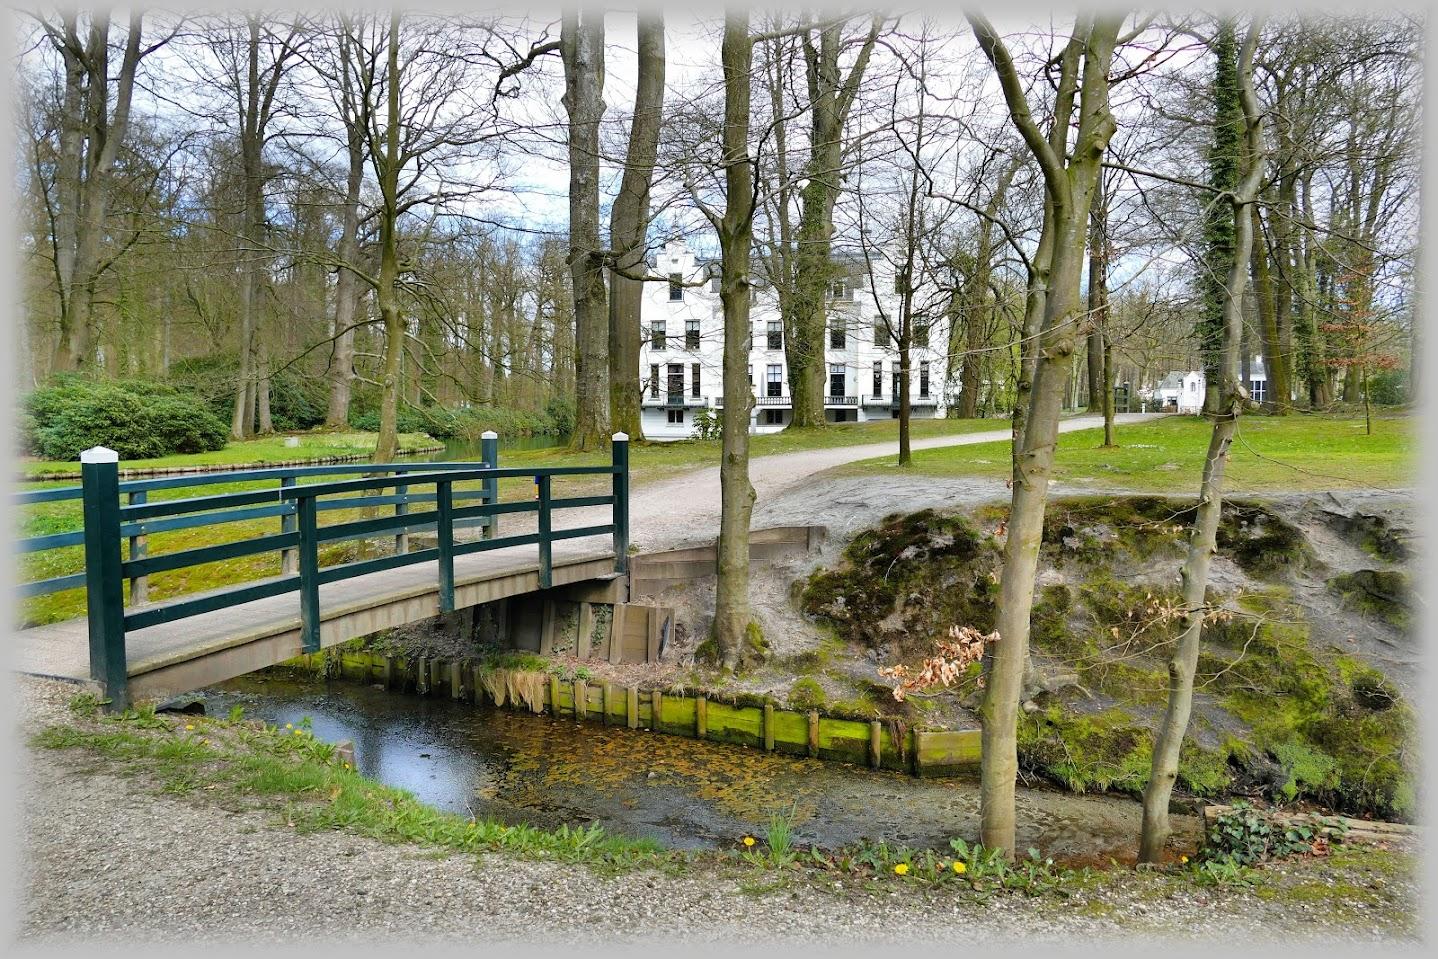 Aangeboden door: Stichting Microtoerisme InZicht Fotoblog Staverden water molen beek